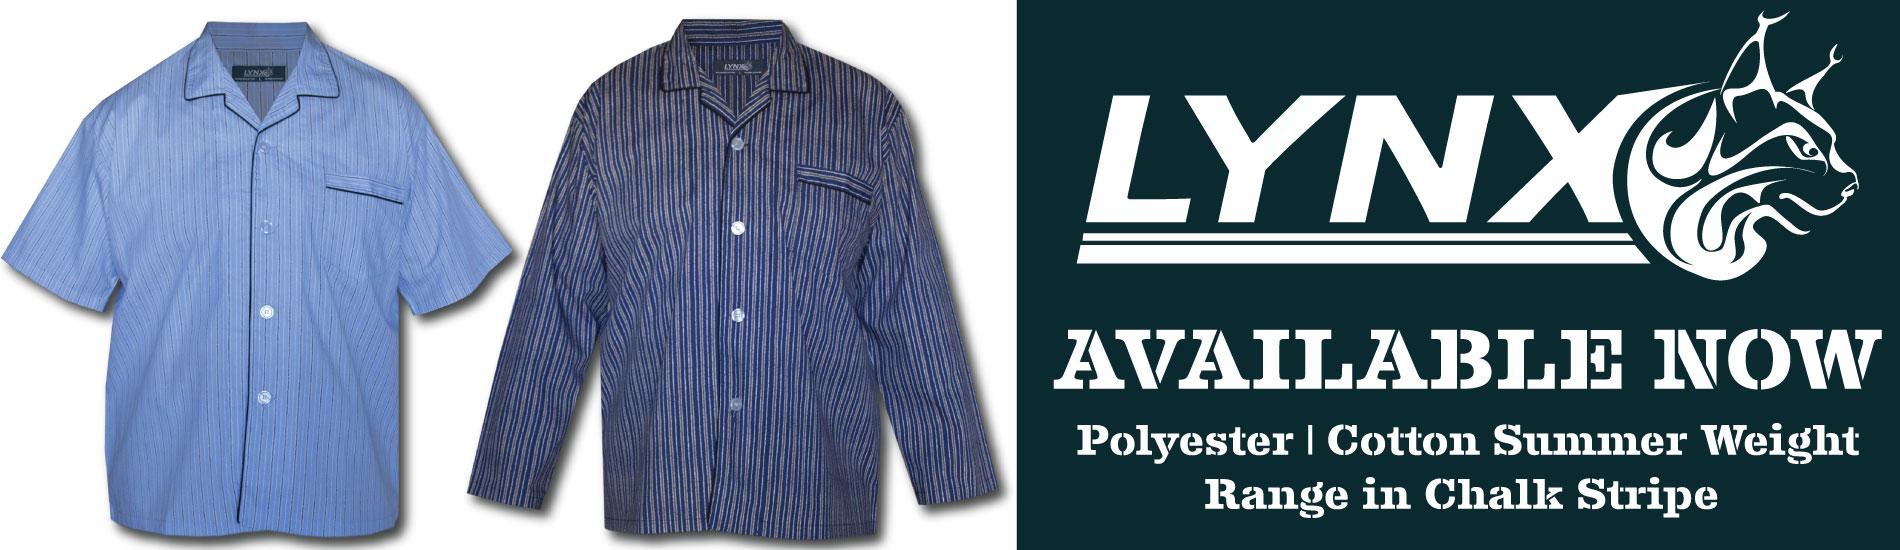 LYNX-Summerwight-2022-Chalk-Stripe-